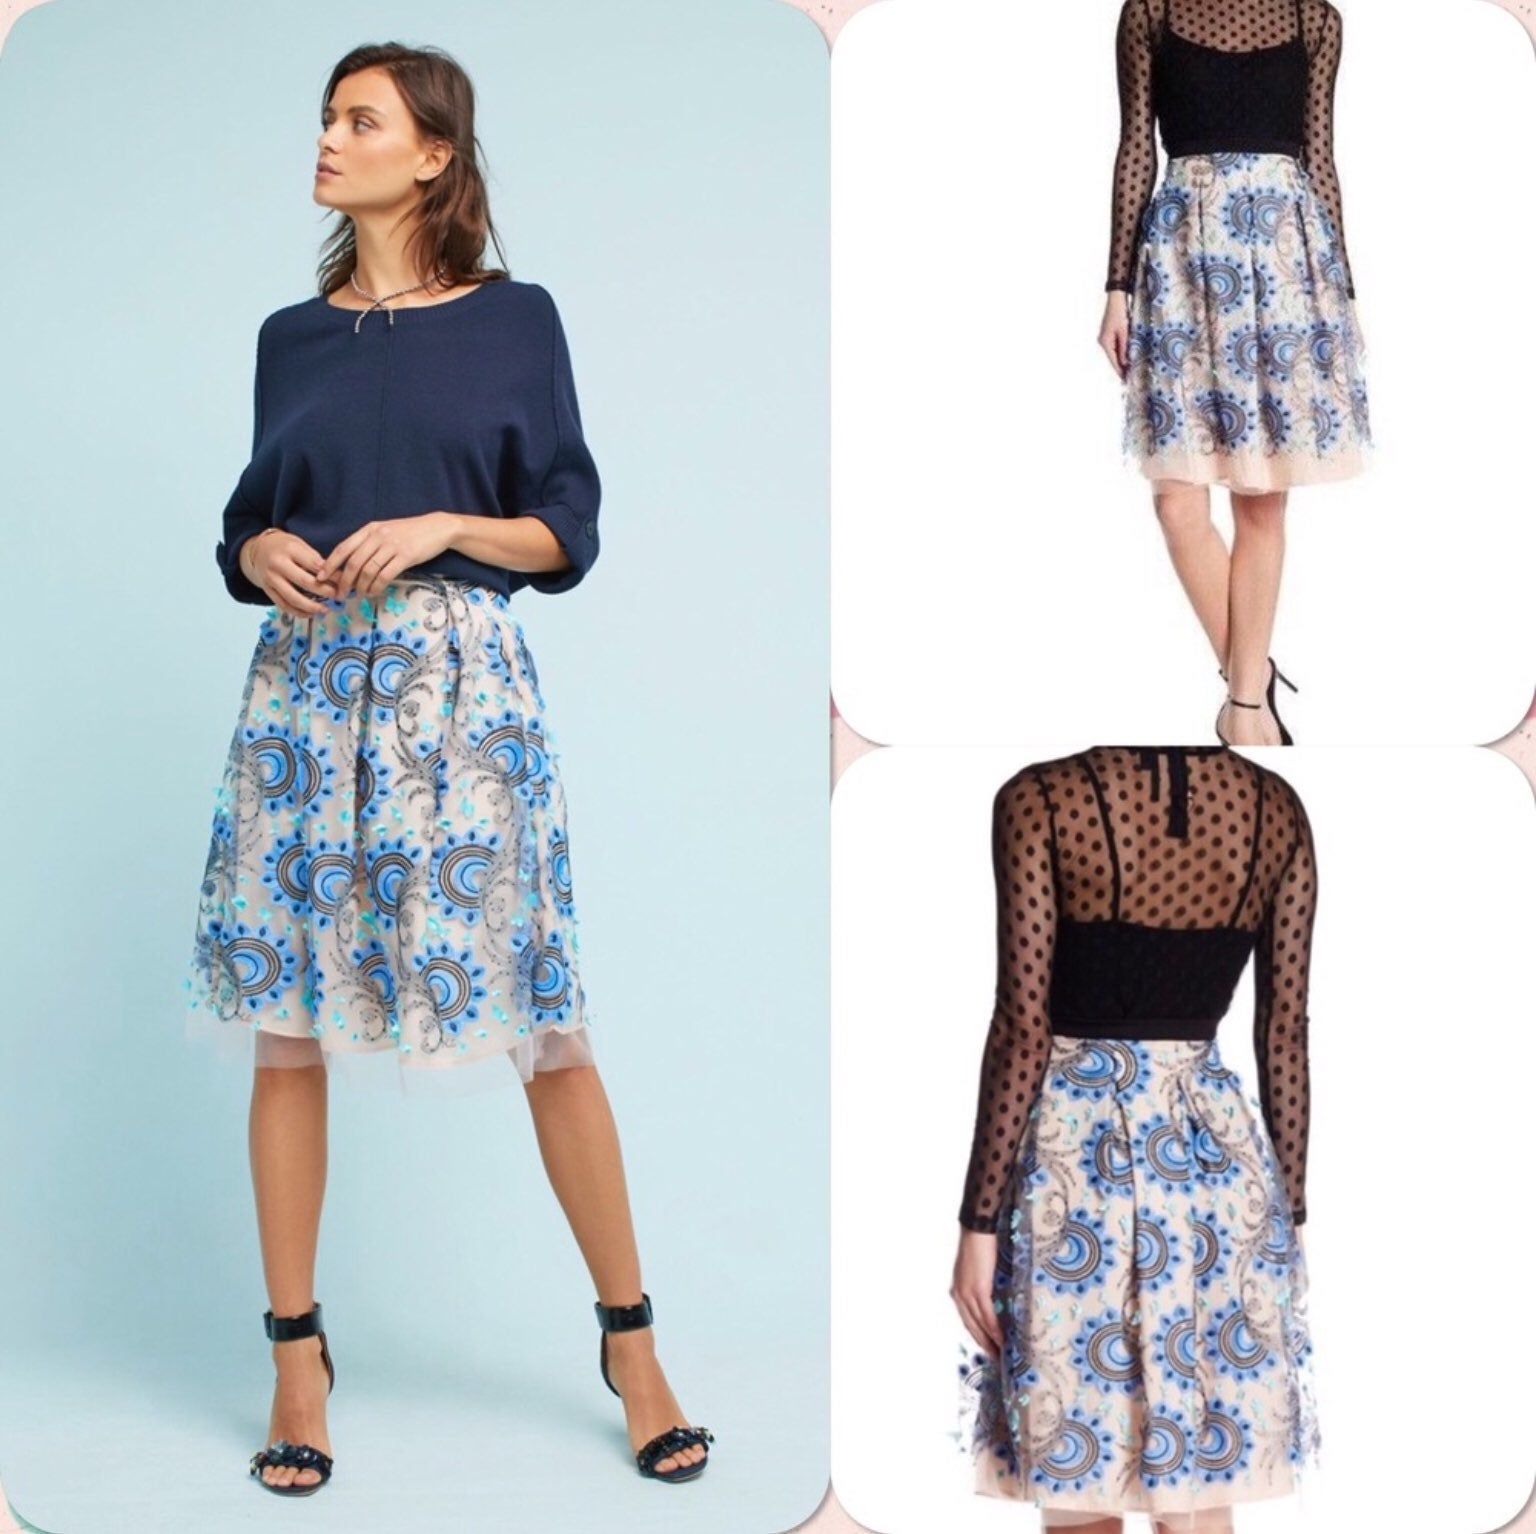 NWT Anthro Eva Franco Tulle Skirt Sz 0